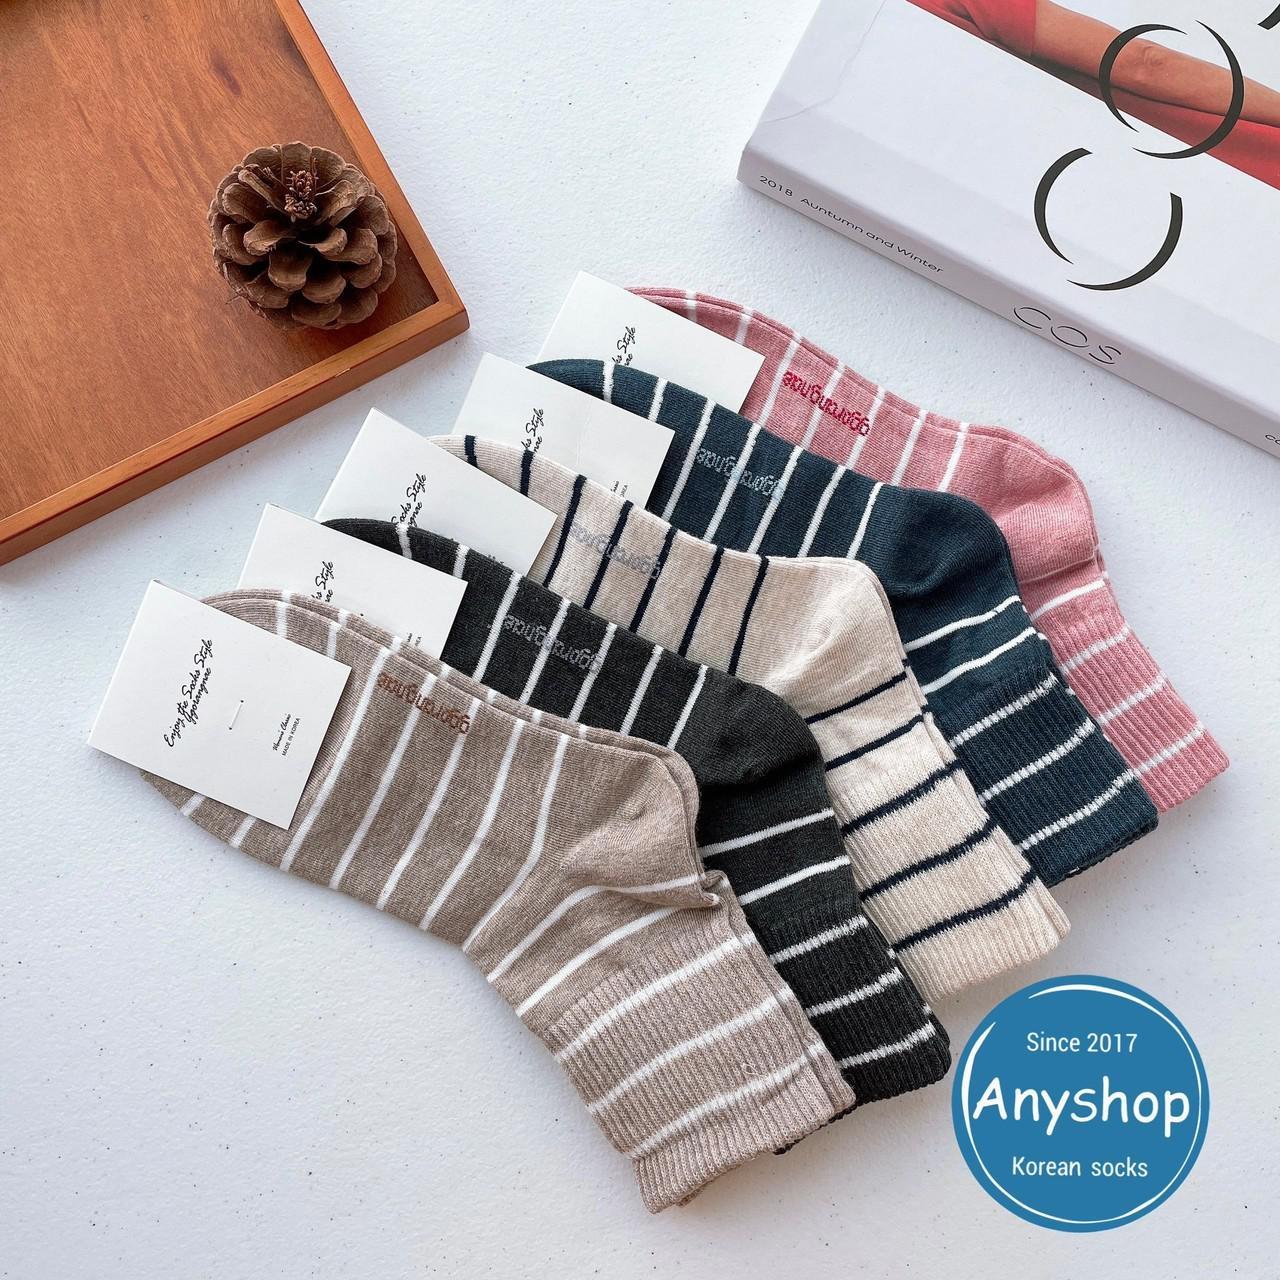 韓國襪-[Anyshop]細白條紋滿版長襪